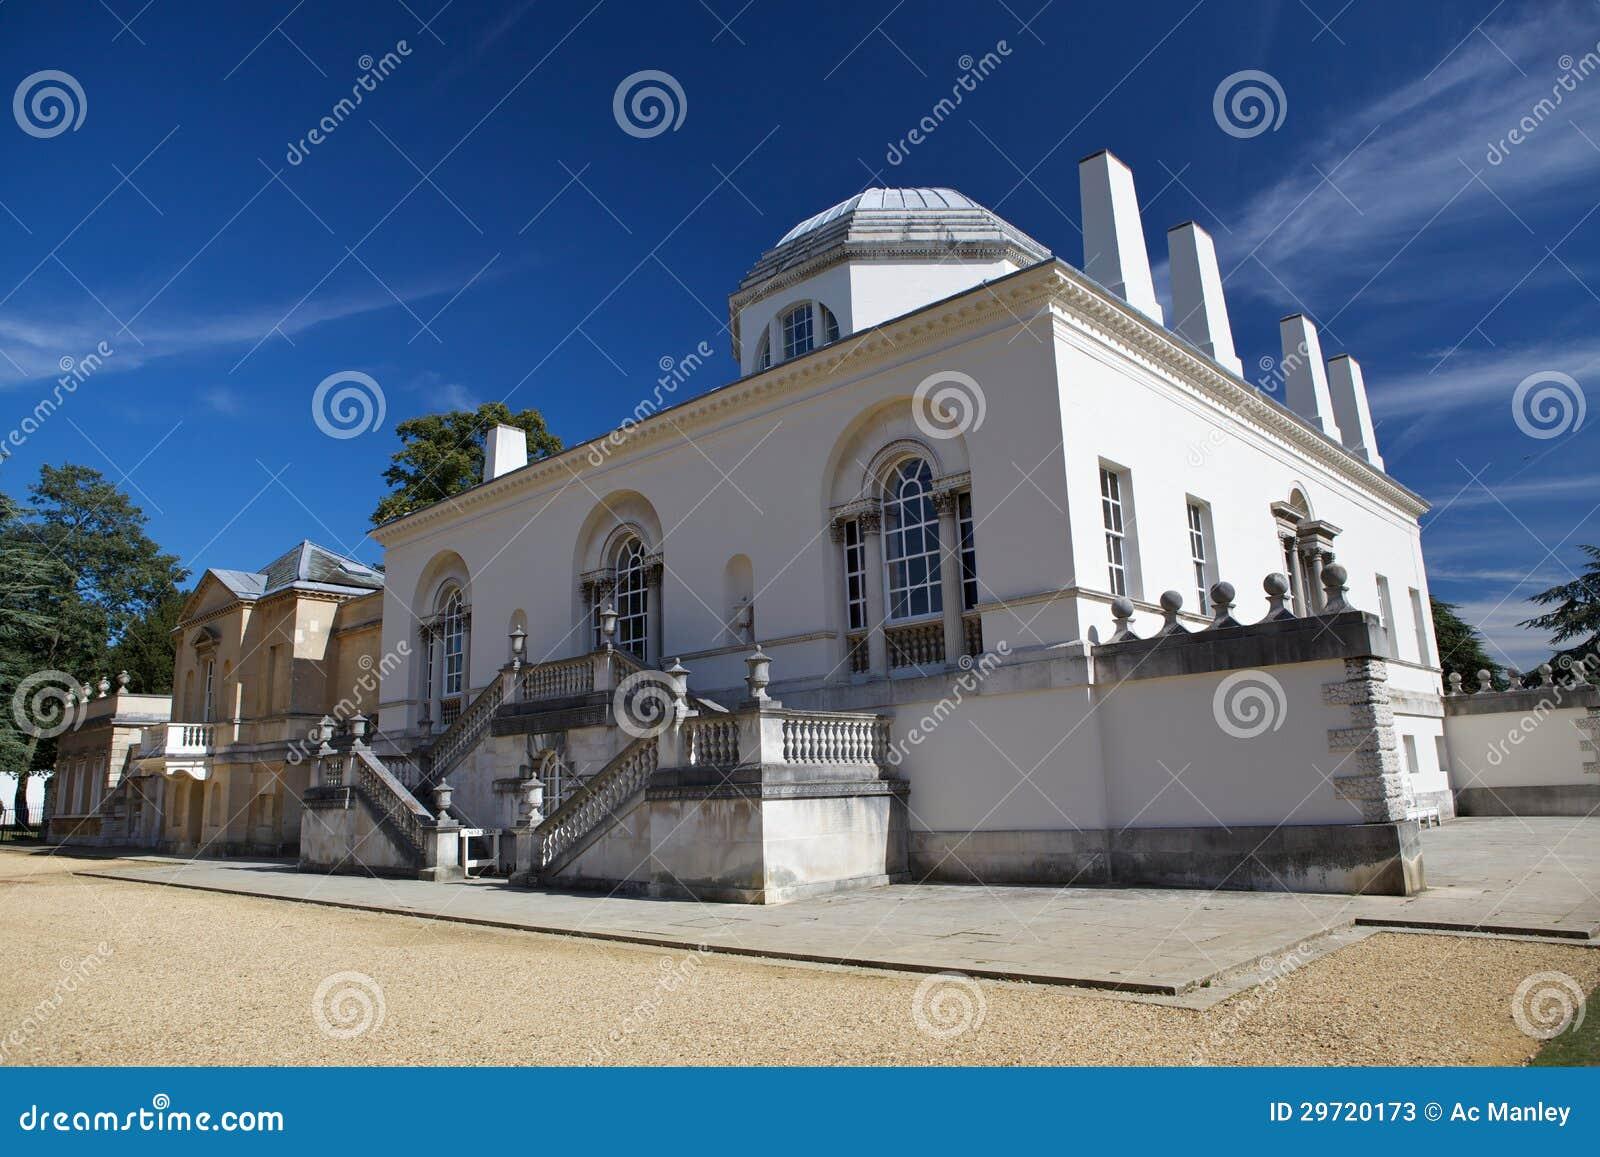 Het huis van chiswick is een villa palladian in de steeg van burlington chiswick in de stad - Huis van het wereldkantoor newport ...